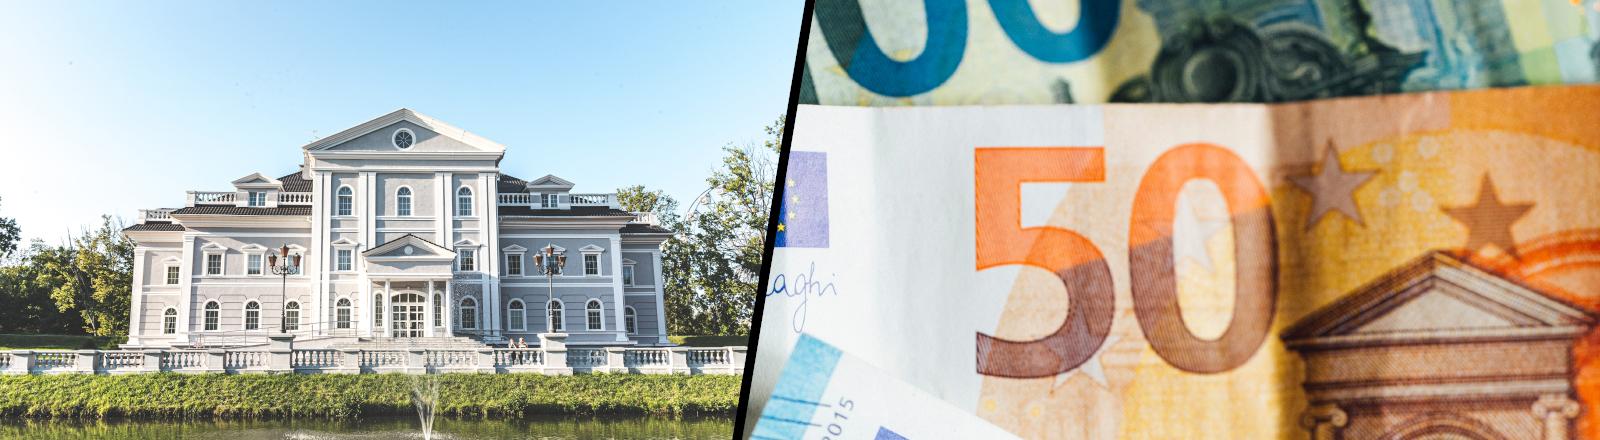 Collage aus großem Anwesen und Geldscheinen